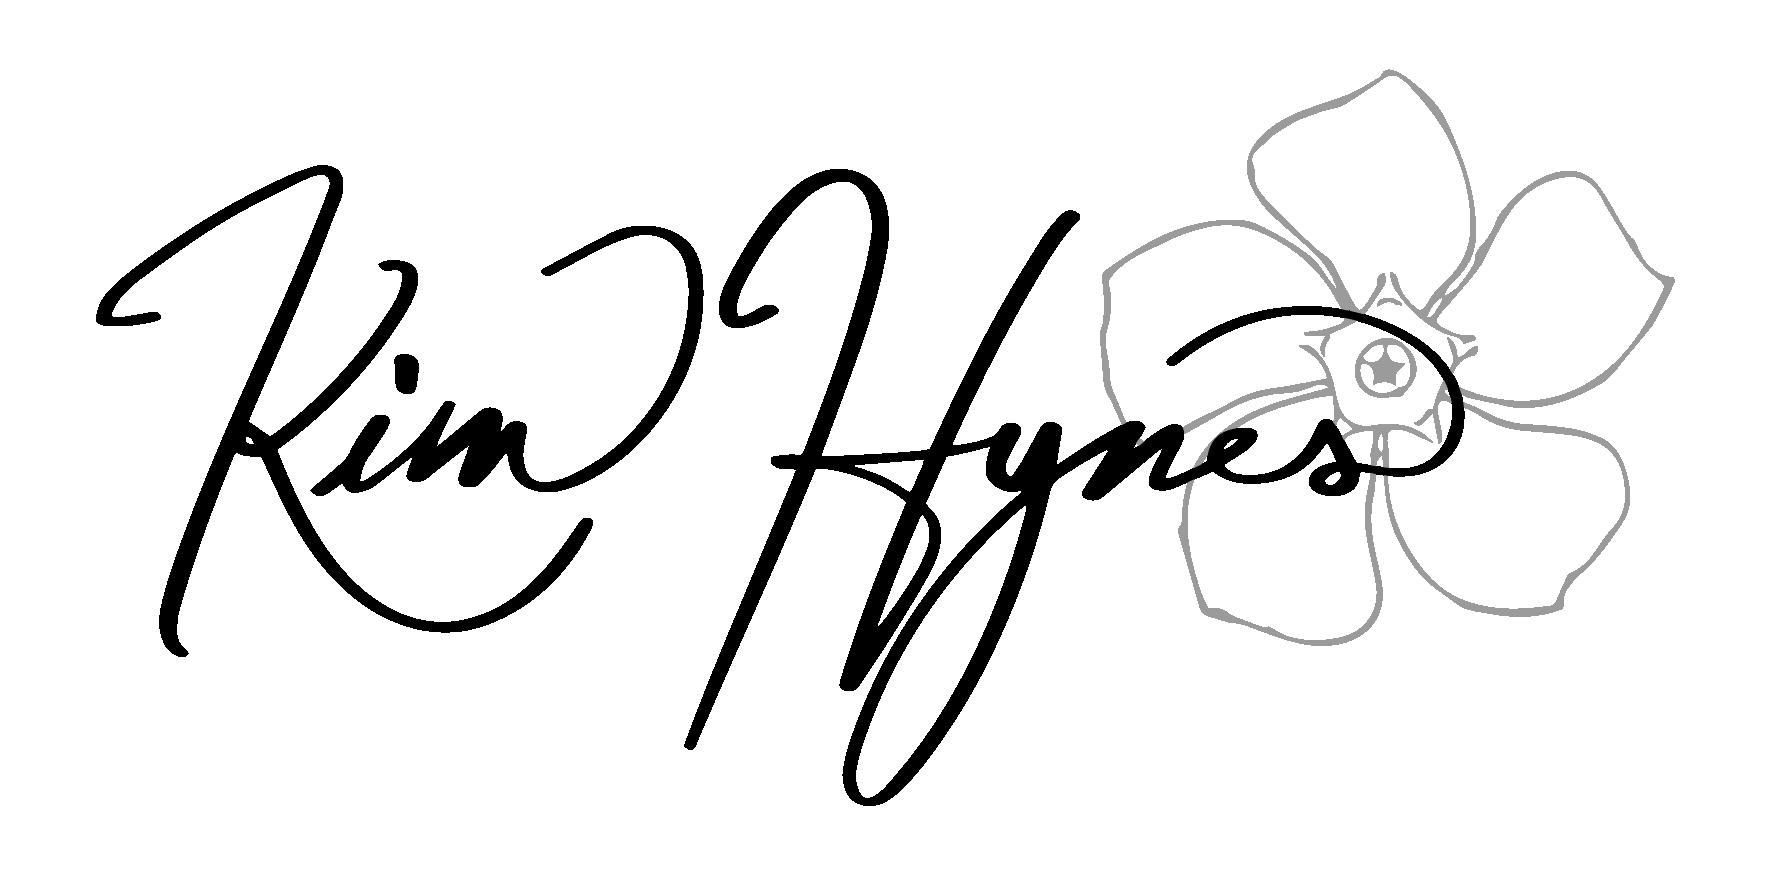 Kim-Hynes_sig-flower.png